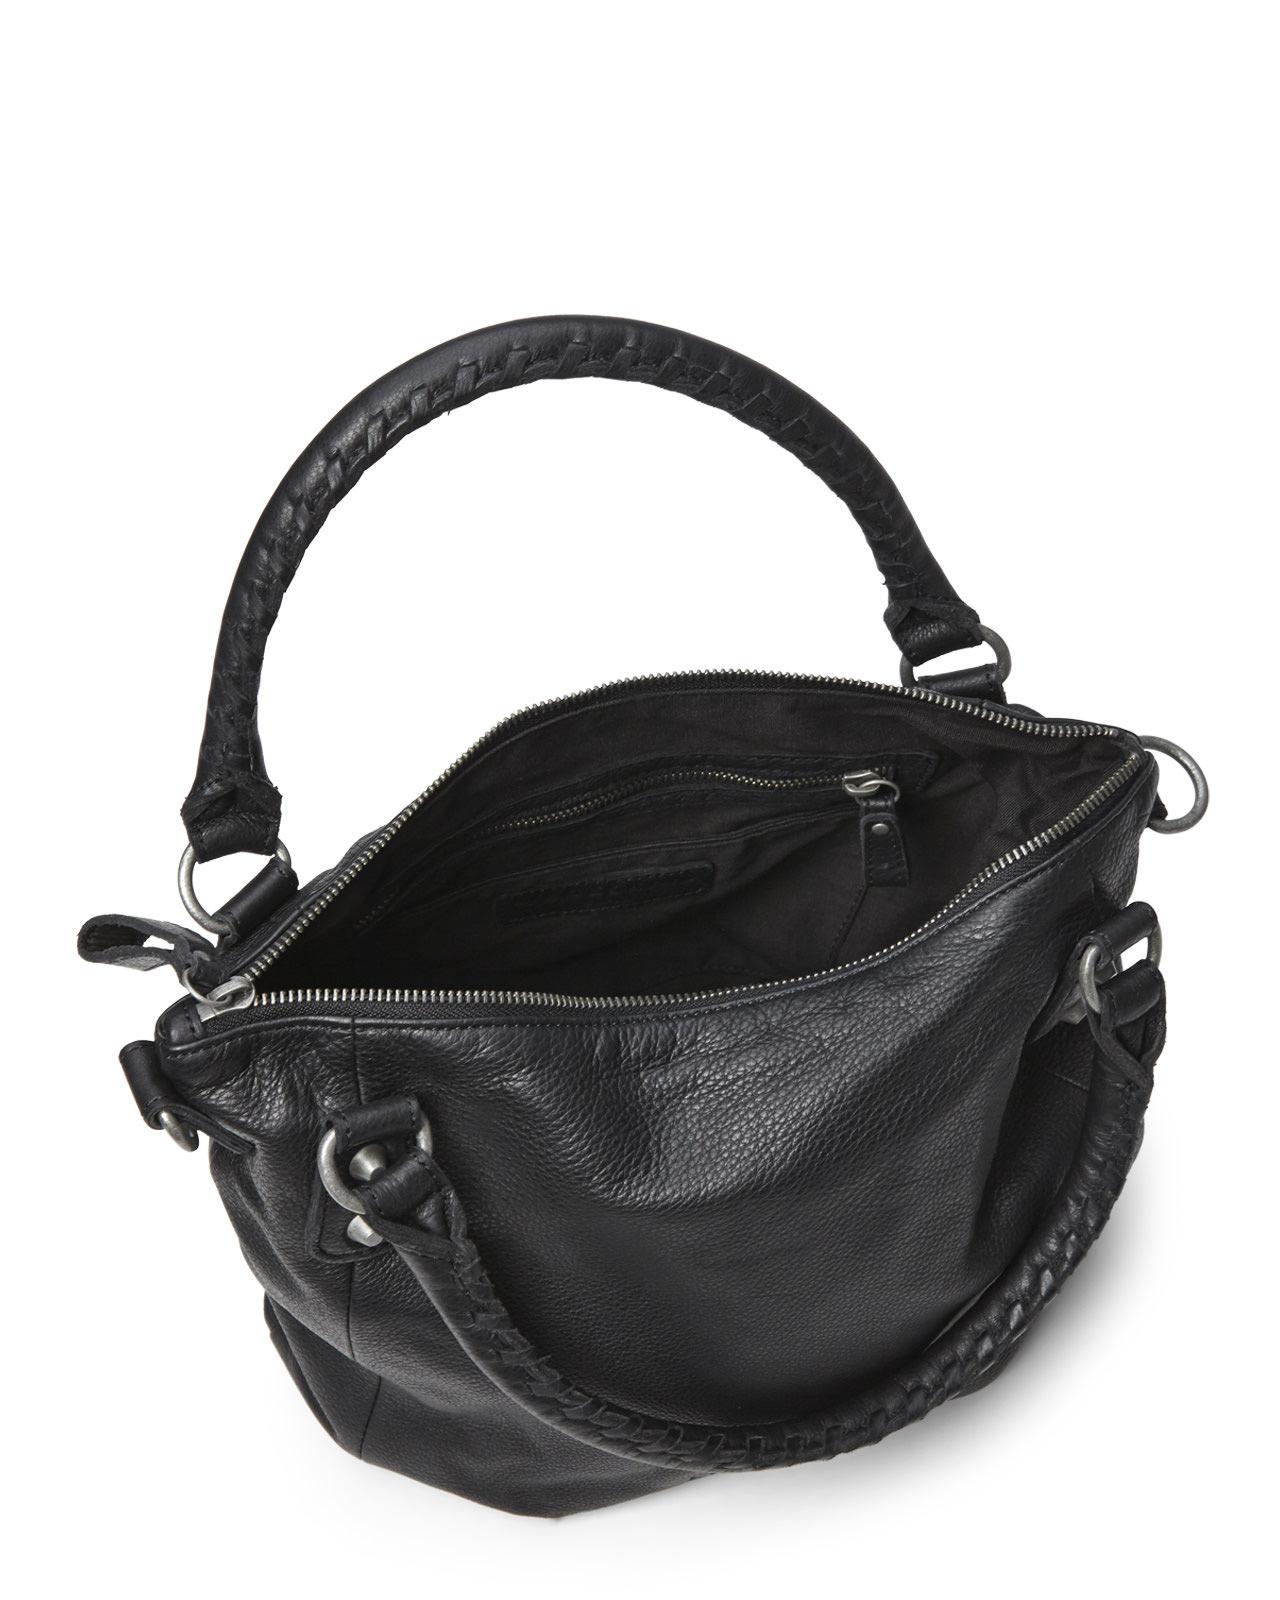 liebeskind black gina vintage satchel in black lyst. Black Bedroom Furniture Sets. Home Design Ideas